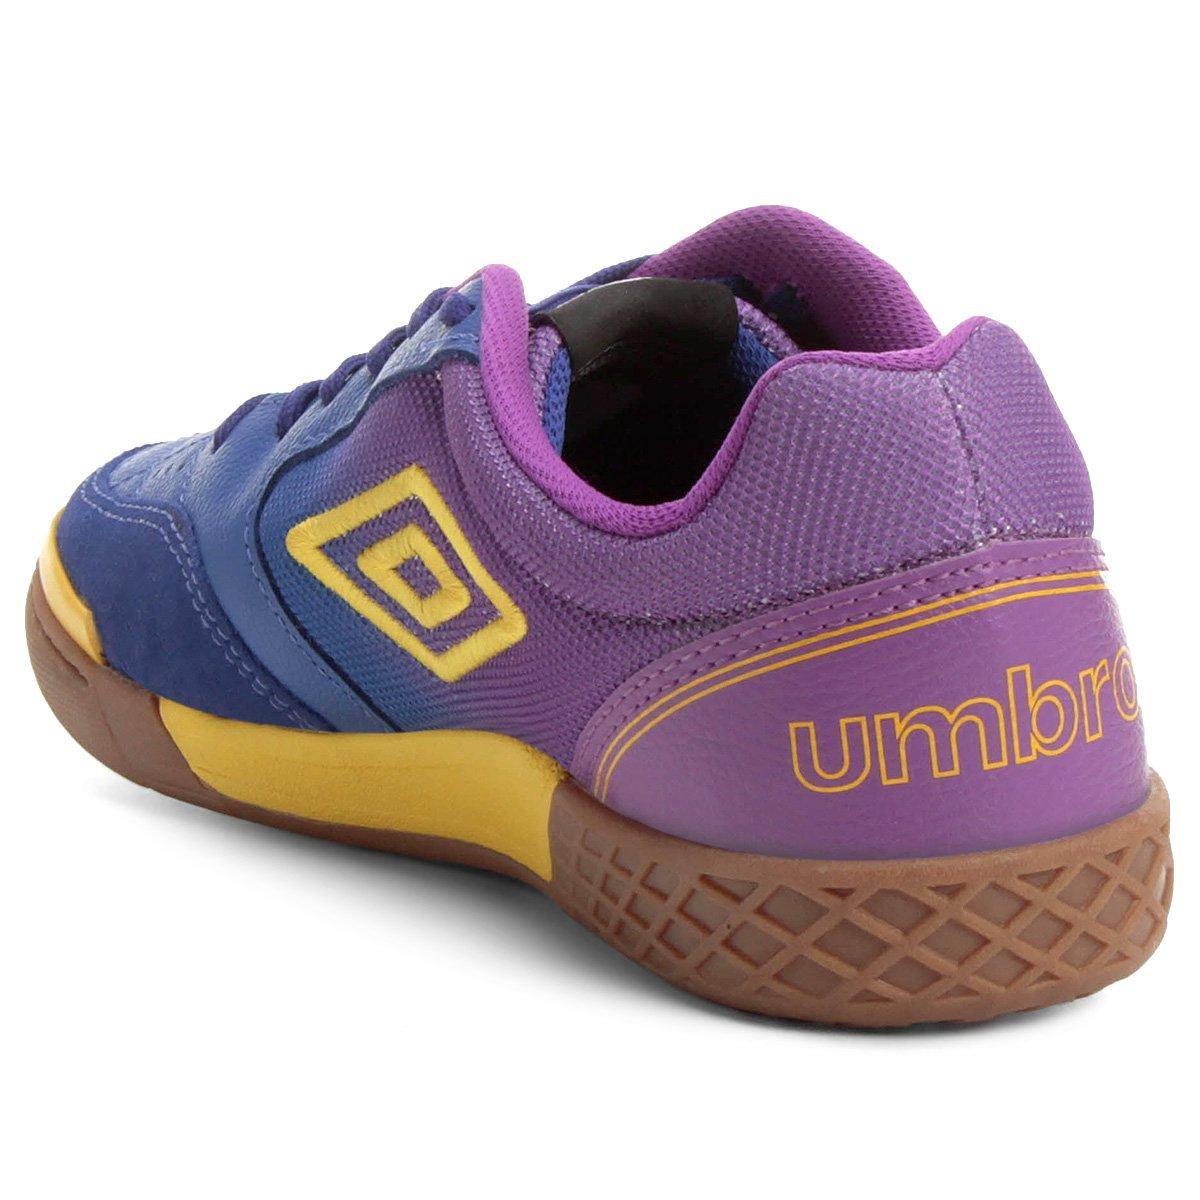 067e4be383 Chuteira Futsal Umbro Box - Azul e Roxo - Compre Agora